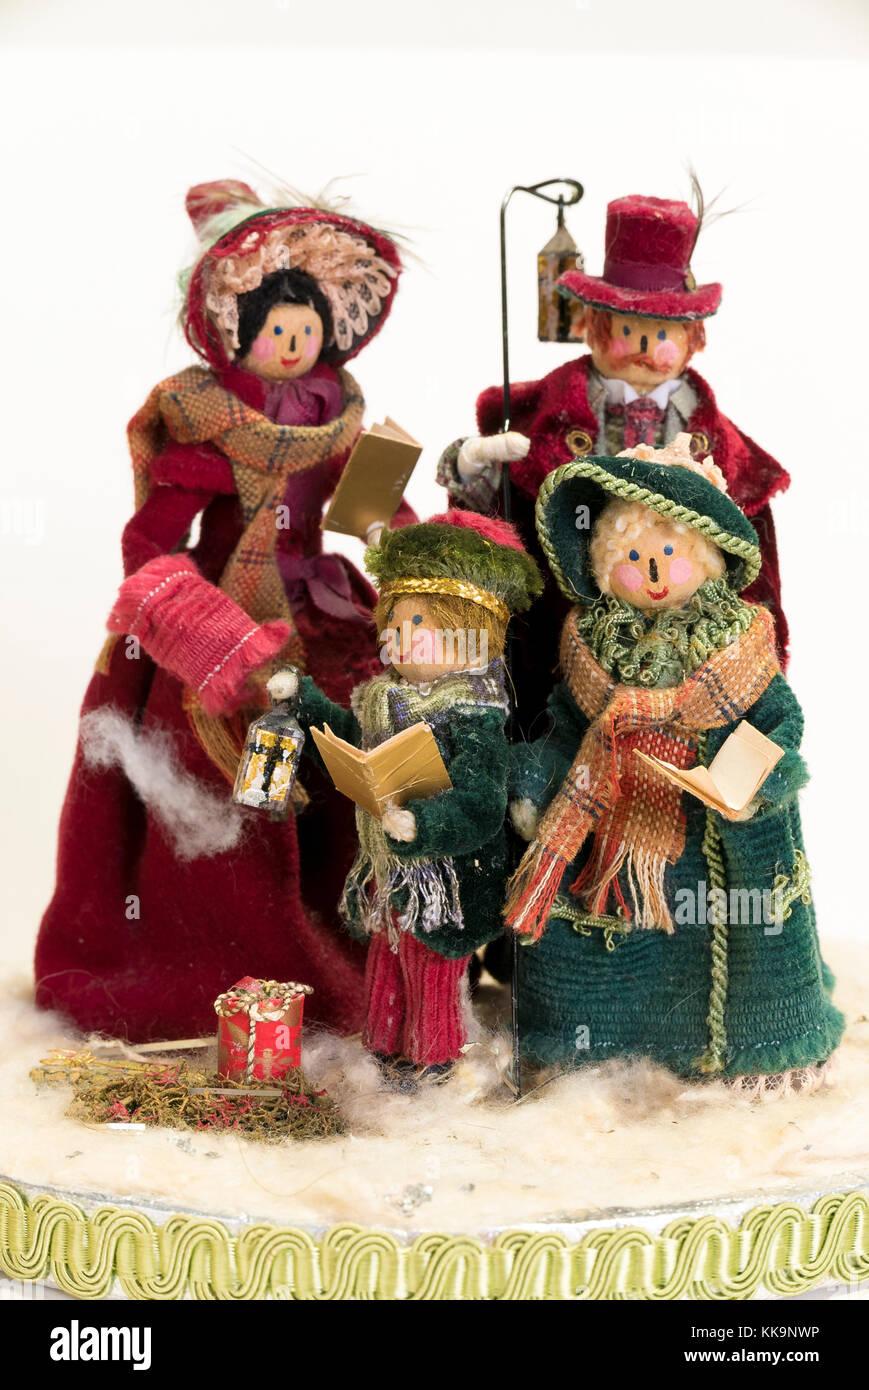 Verschiedene Weihnachtslieder.Ein Weihnachten Festliche Dekoration Aus Holz Gestaltete Pegs Und